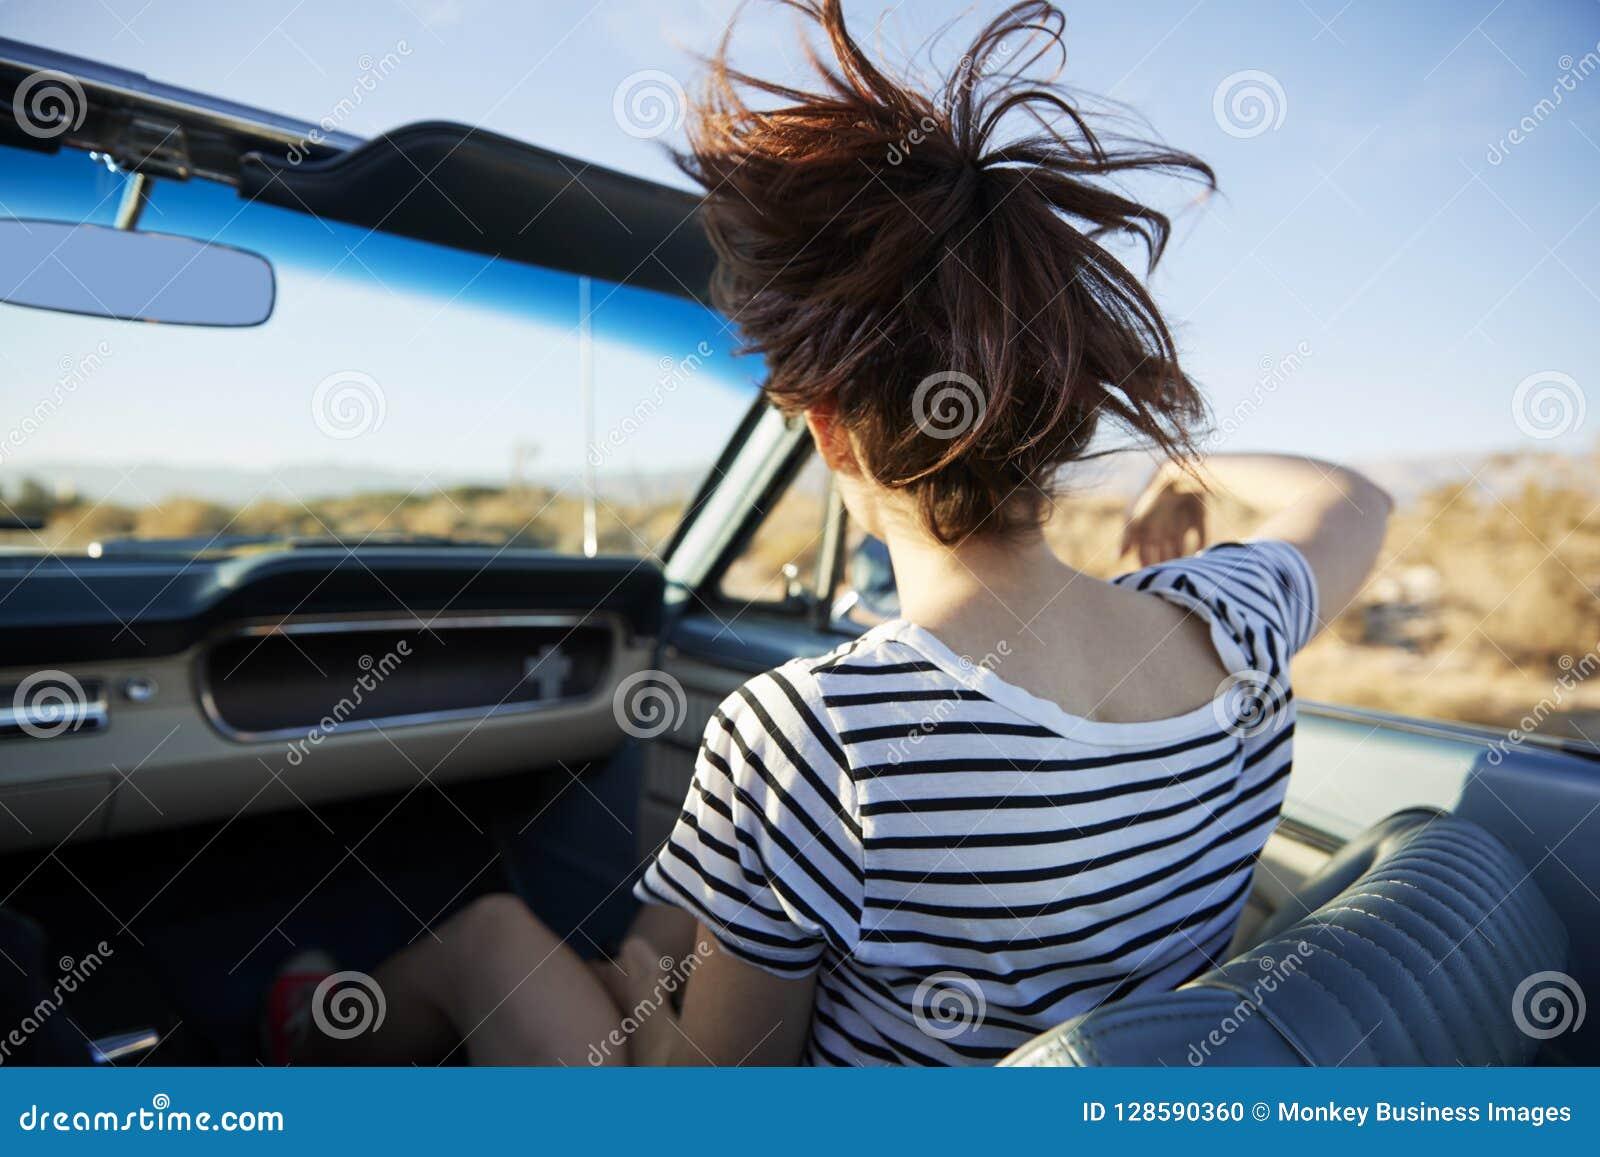 Opinião traseira o passageiro fêmea na viagem por estrada no carro convertível clássico